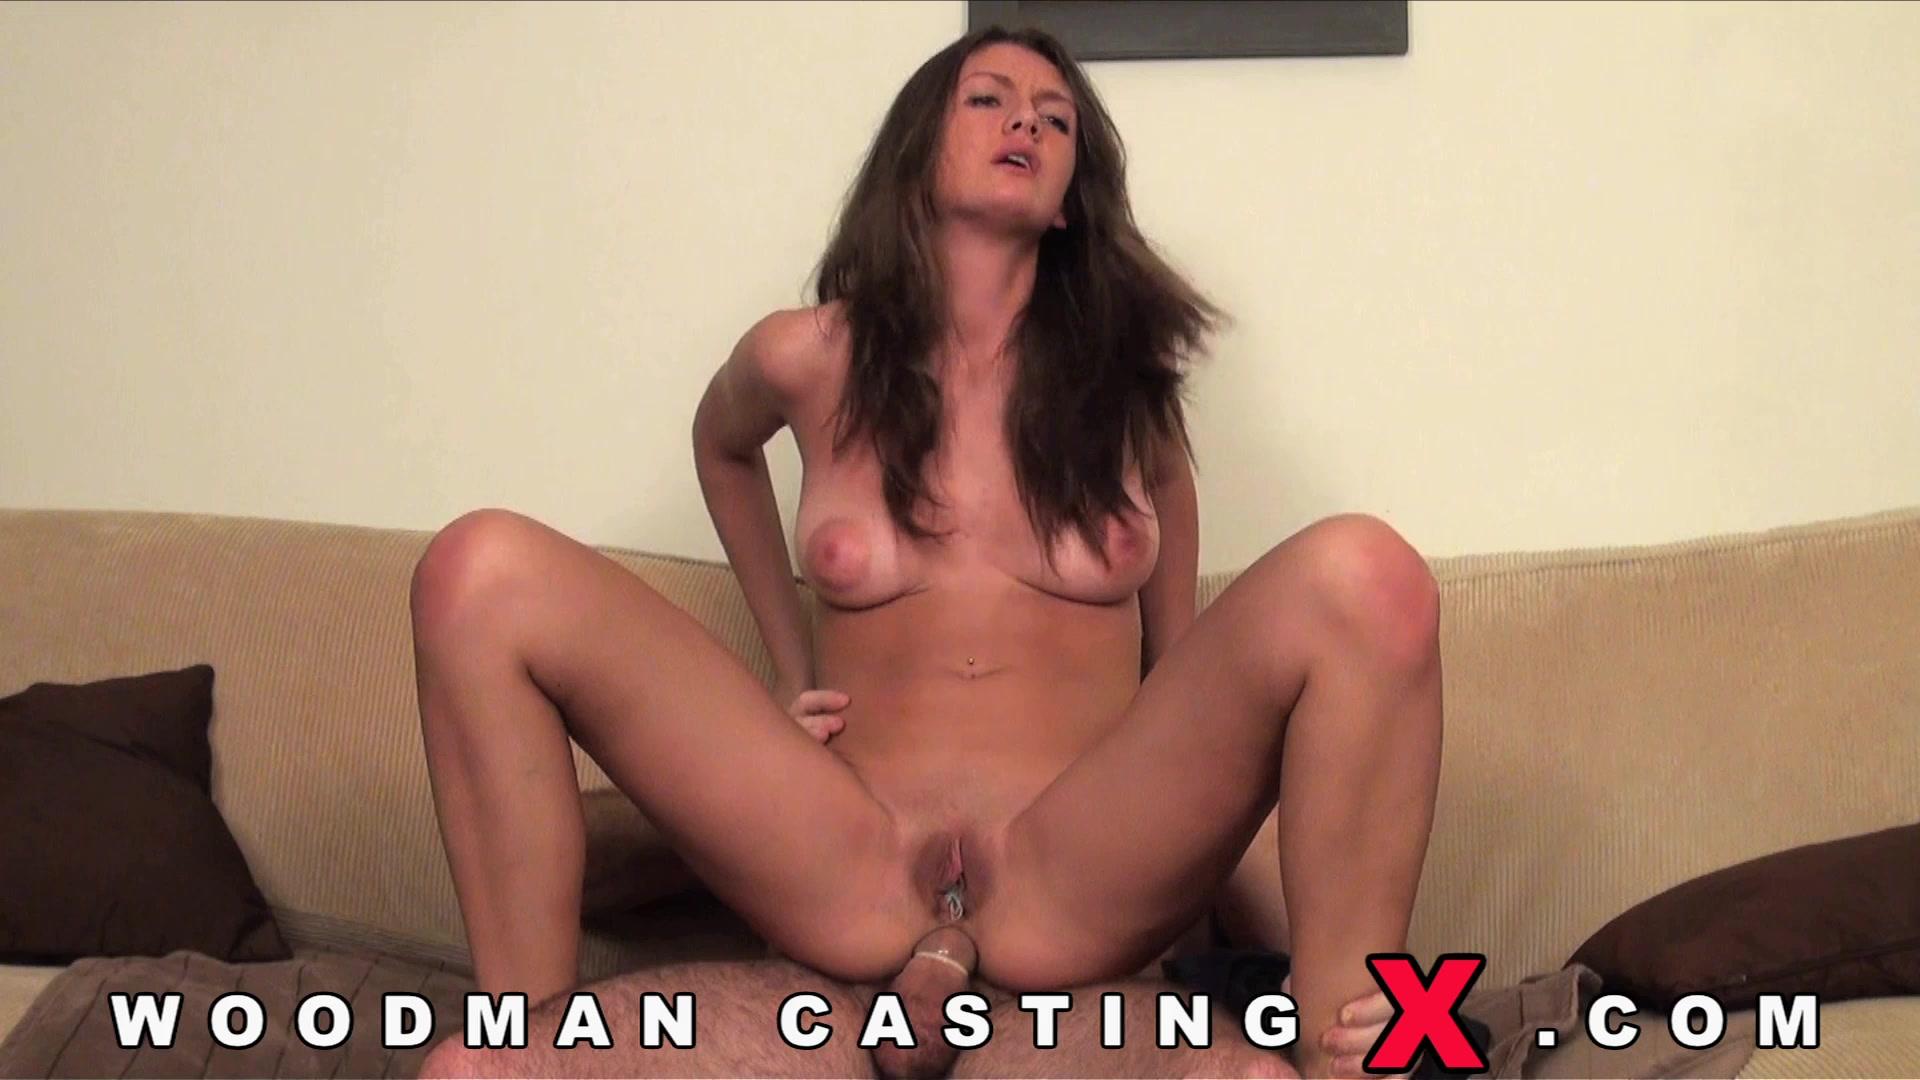 Наташа пробует себя в кастинге на роль анального секса